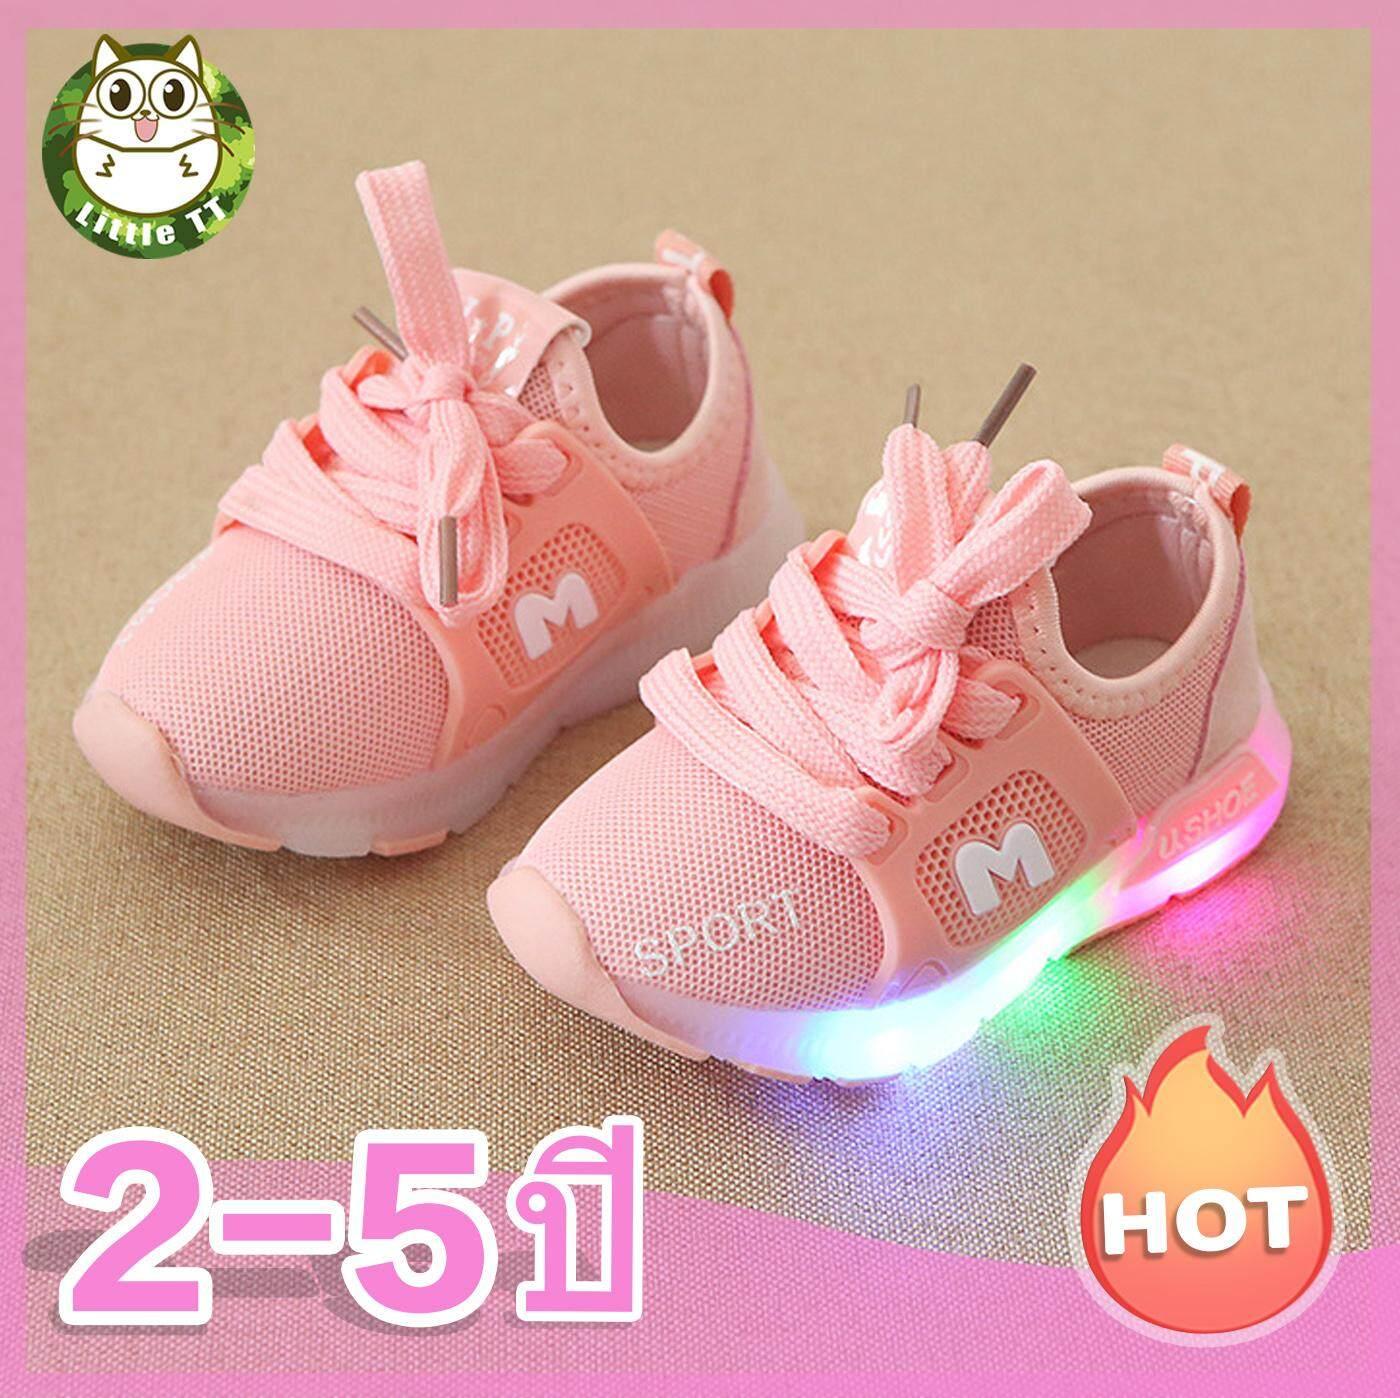 เด็กรองเท้าผ้าใบสาว ๆ ที่มีน้ำหนักเบารองเท้าระบายอากาศ led รองเท้าเด็กลื่นสบายระบายอากาศรองเท้าเด็กรองเท้ากีฬา 1 ~ 5 ปีเด็กรองเท้า